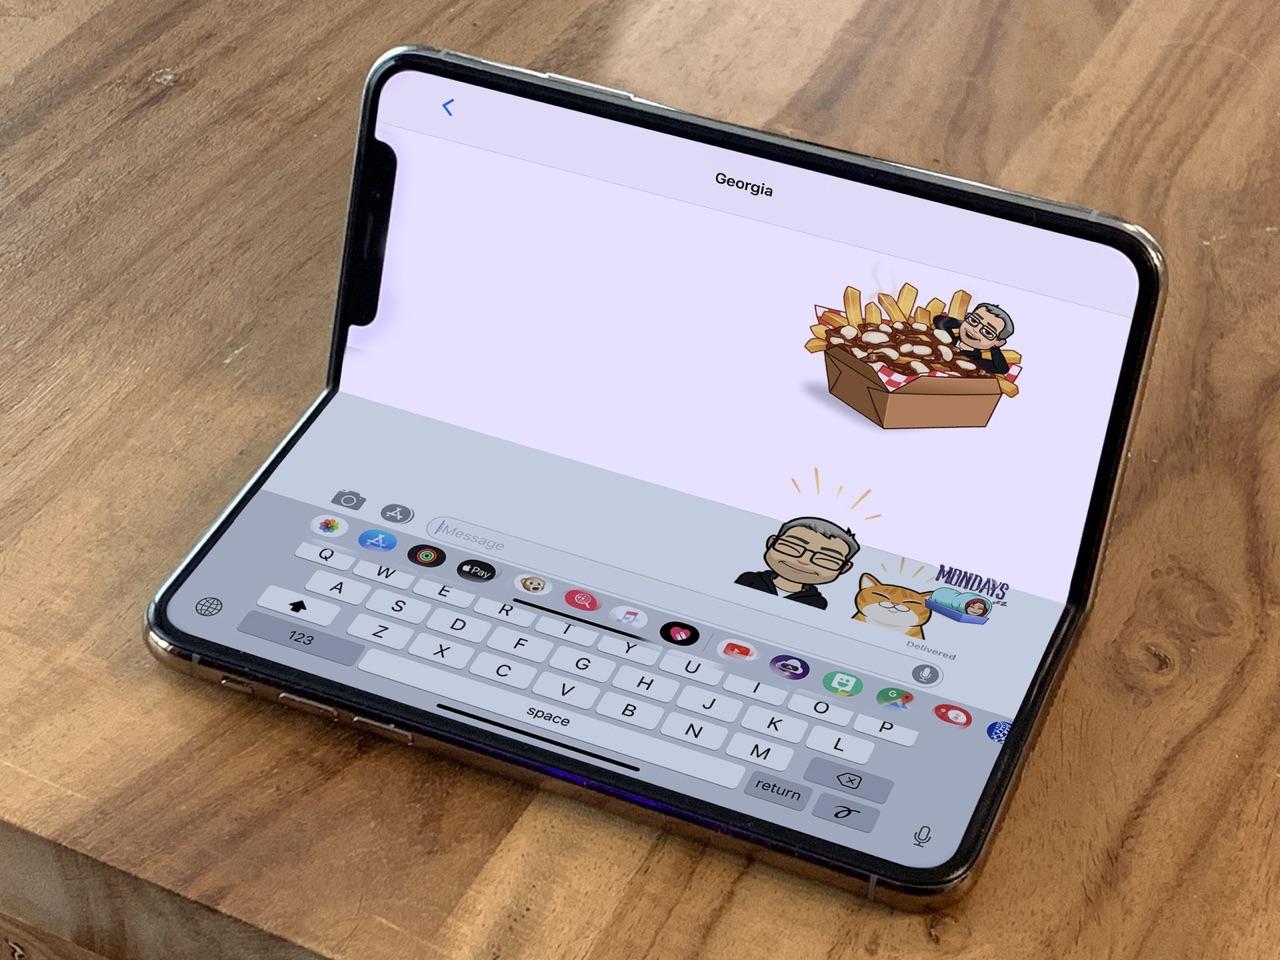 太重要了!谷歌正研发折叠屏样机,但发布光阴不明